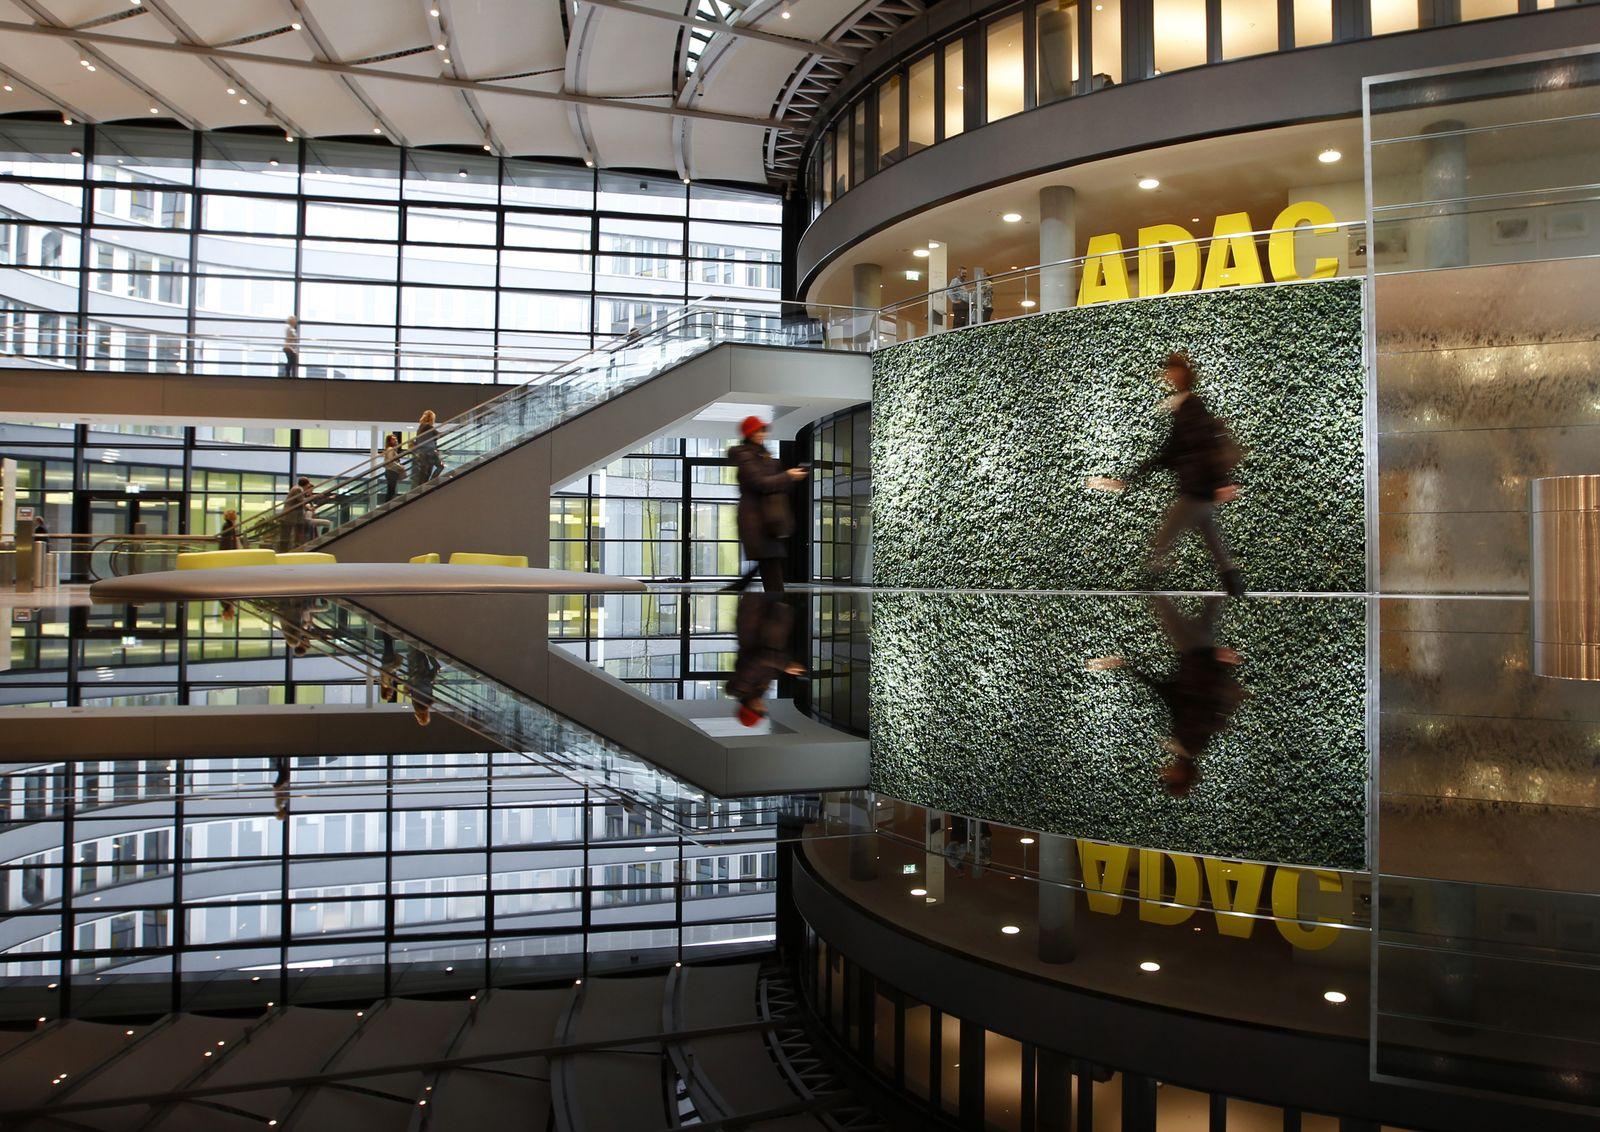 SYMBOLBILD ADAC/ Zentrale/ München